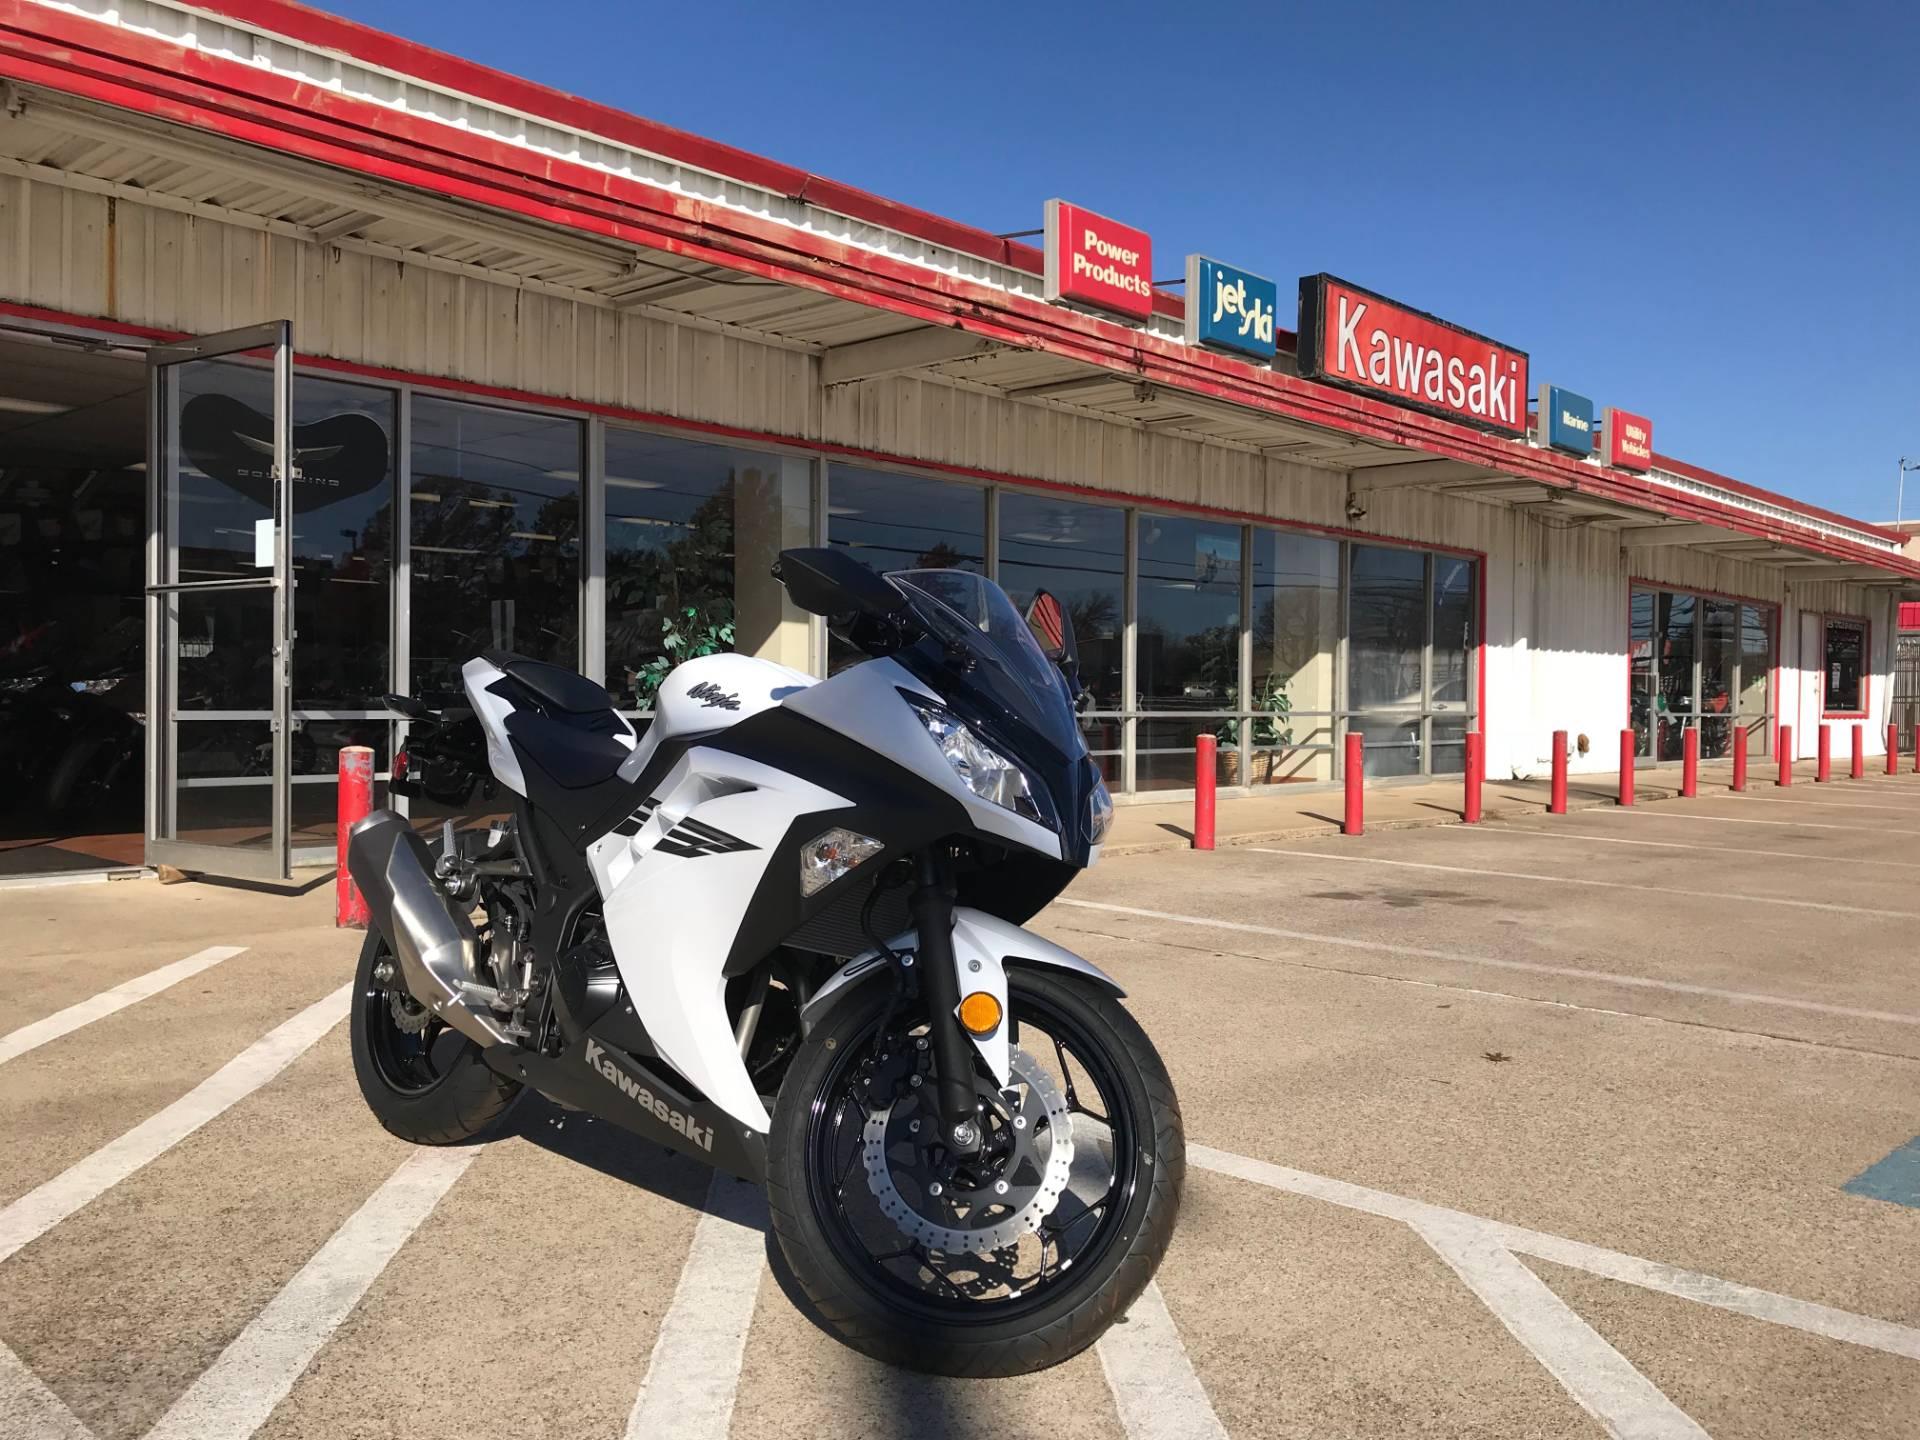 2017 Kawasaki Ninja 300 in Arlington, Texas